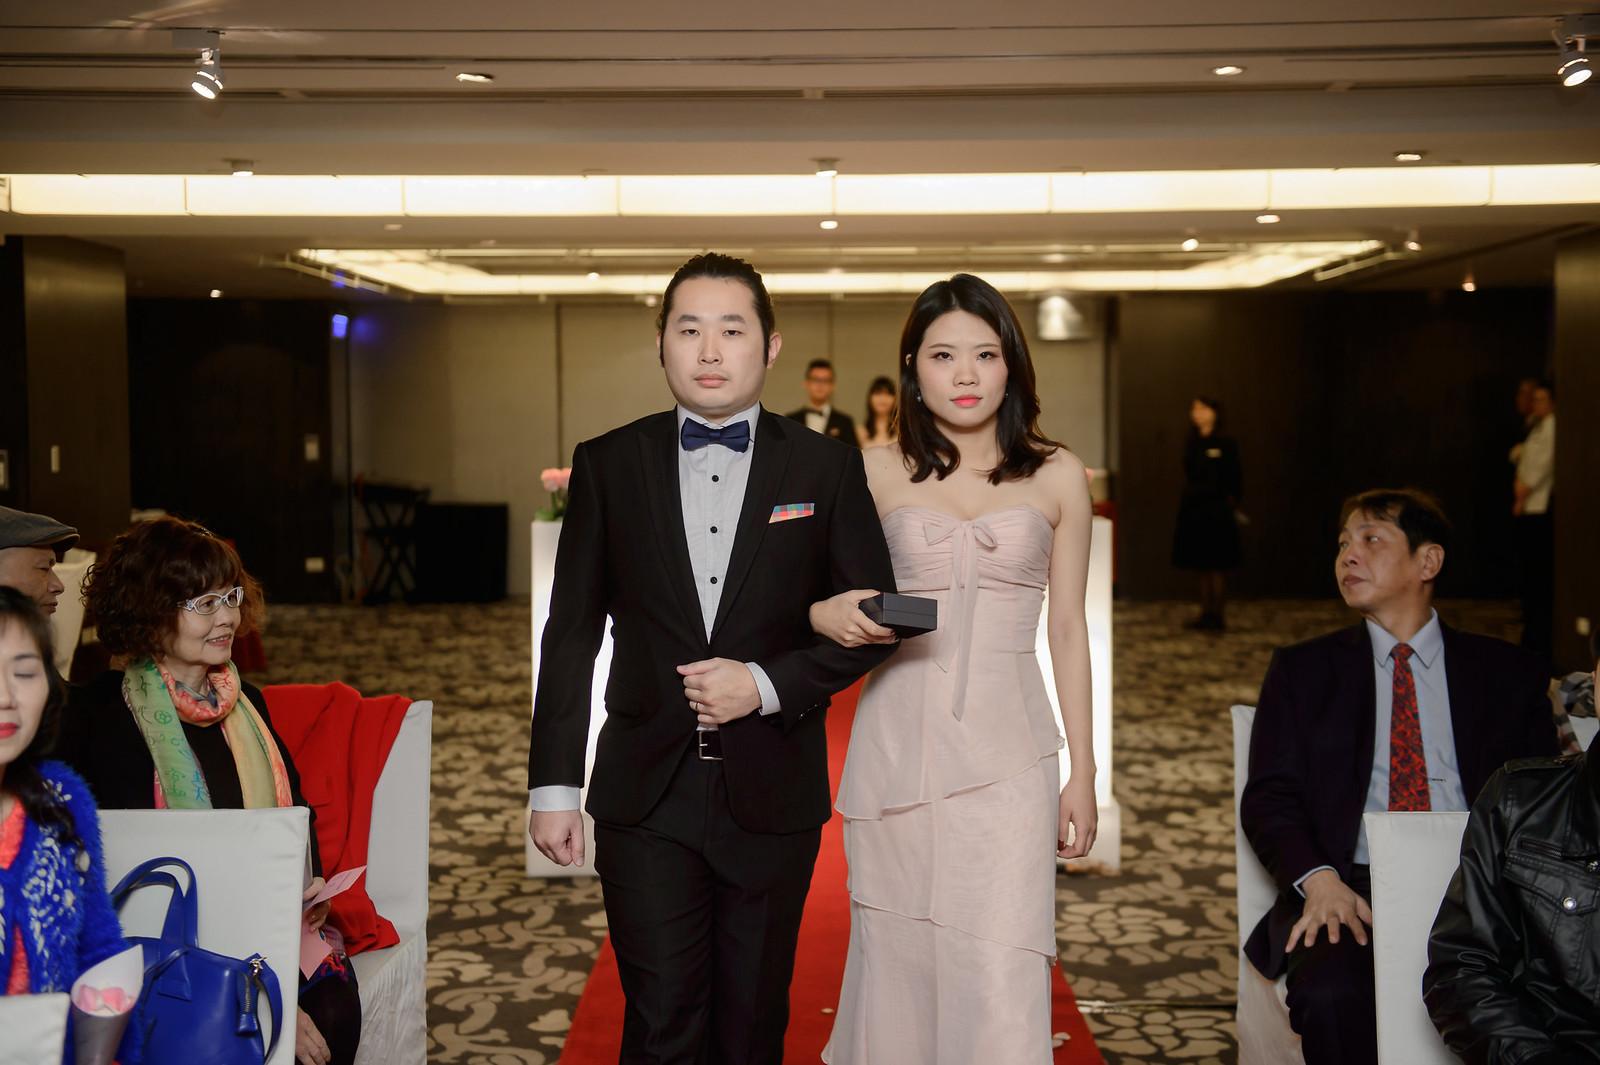 台北婚攝, 婚禮攝影, 婚攝, 婚攝守恆, 婚攝推薦, 晶華酒店, 晶華酒店婚宴, 晶華酒店婚攝-24